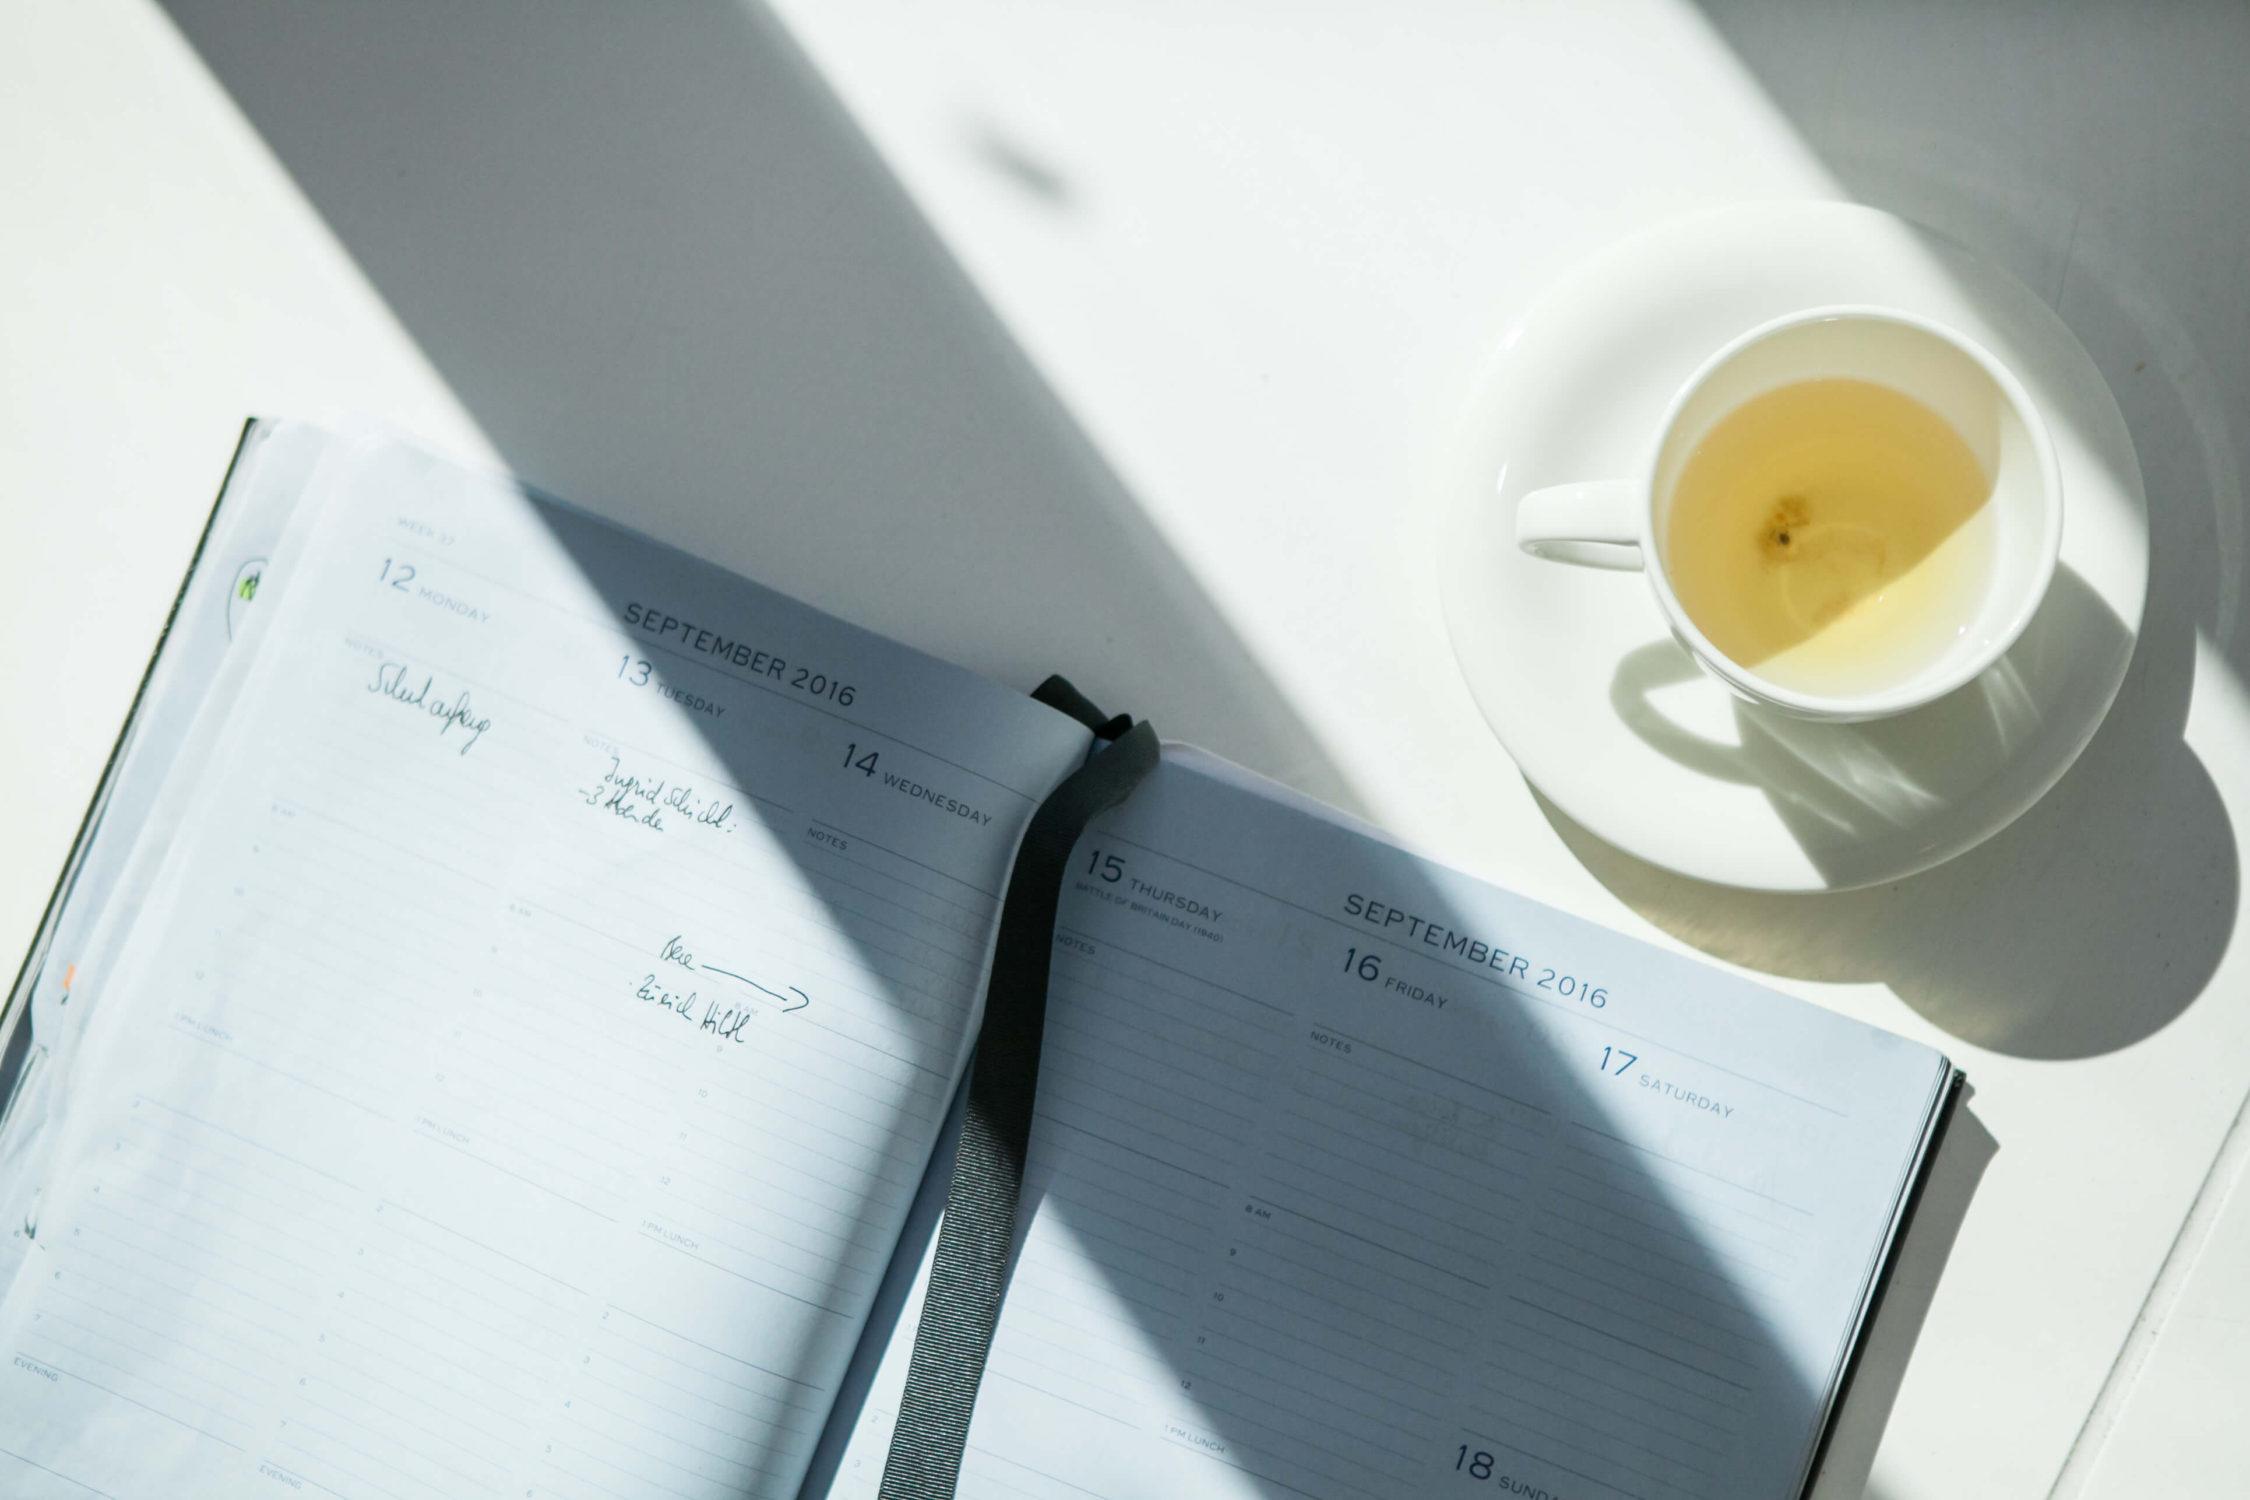 Semaine tastemaker Susanne Kaufmann timer and tea by Giada Mariani